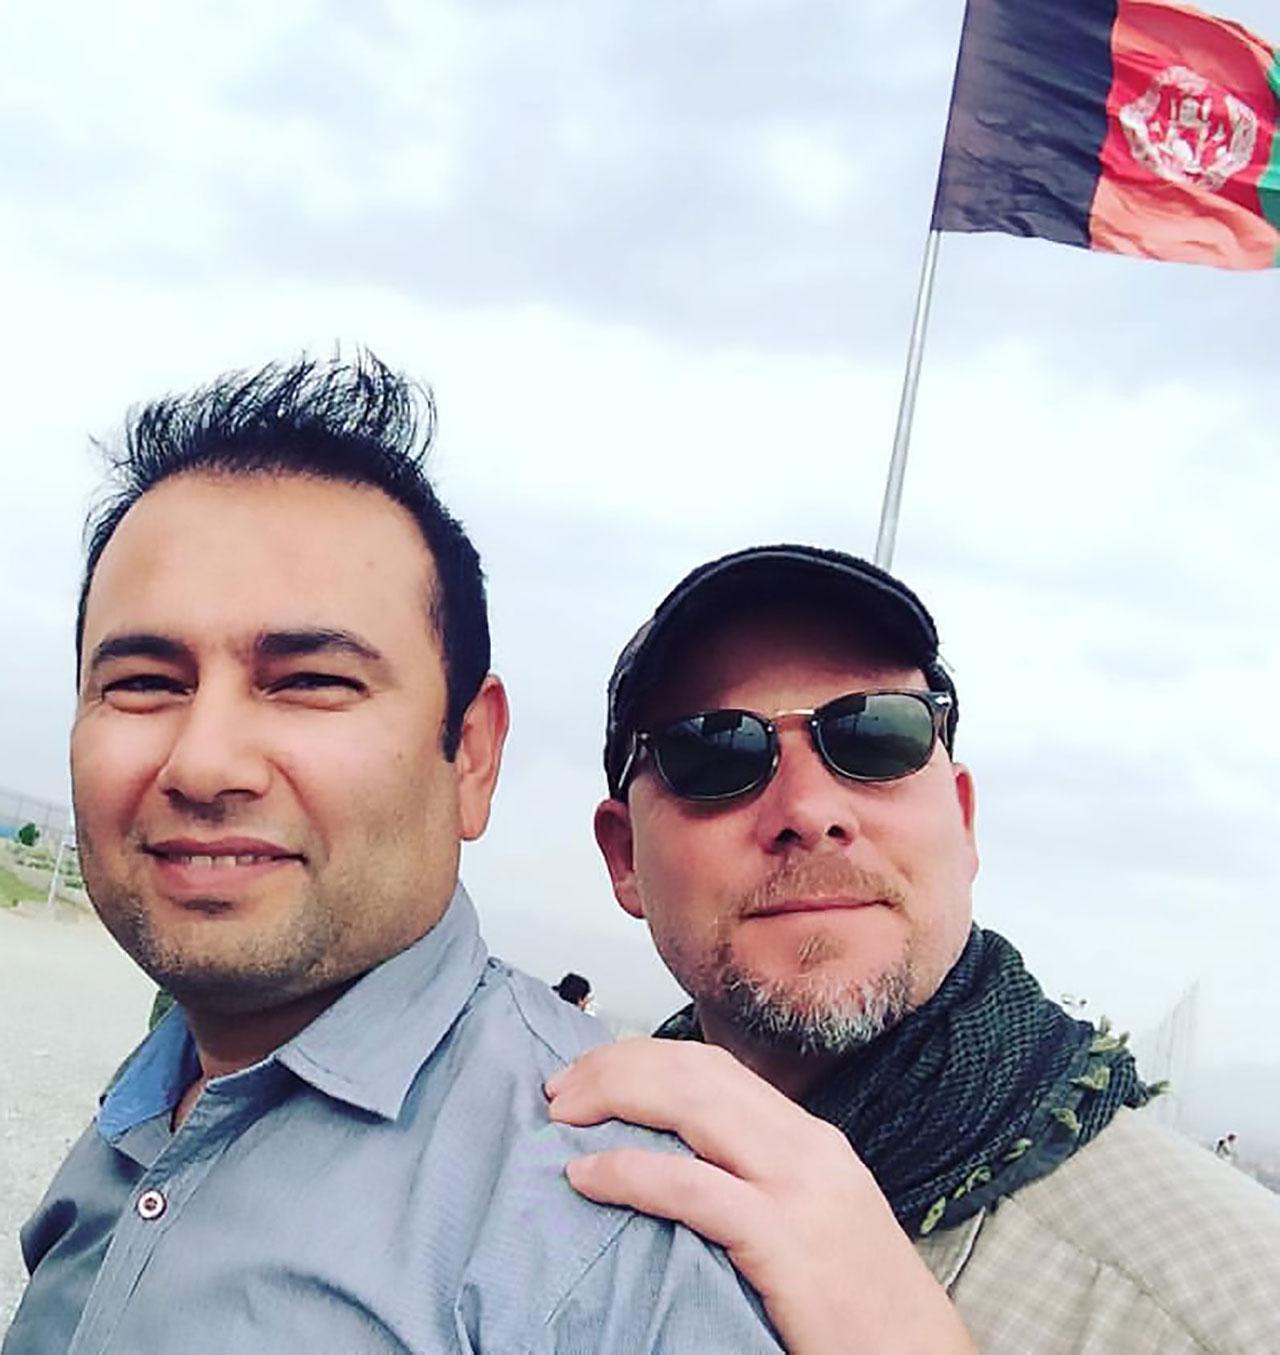 นายซาฮุลเลาะห์ ทามันนา  ล่ามชาวอัฟกานิสถาน(ซ้าย)และนายเดวิด กิลคีย์ นักข่าว-ช่างภาพชาวอเมริกัน เสียชีวิตจากเหตุการณ์ครั้งนี้